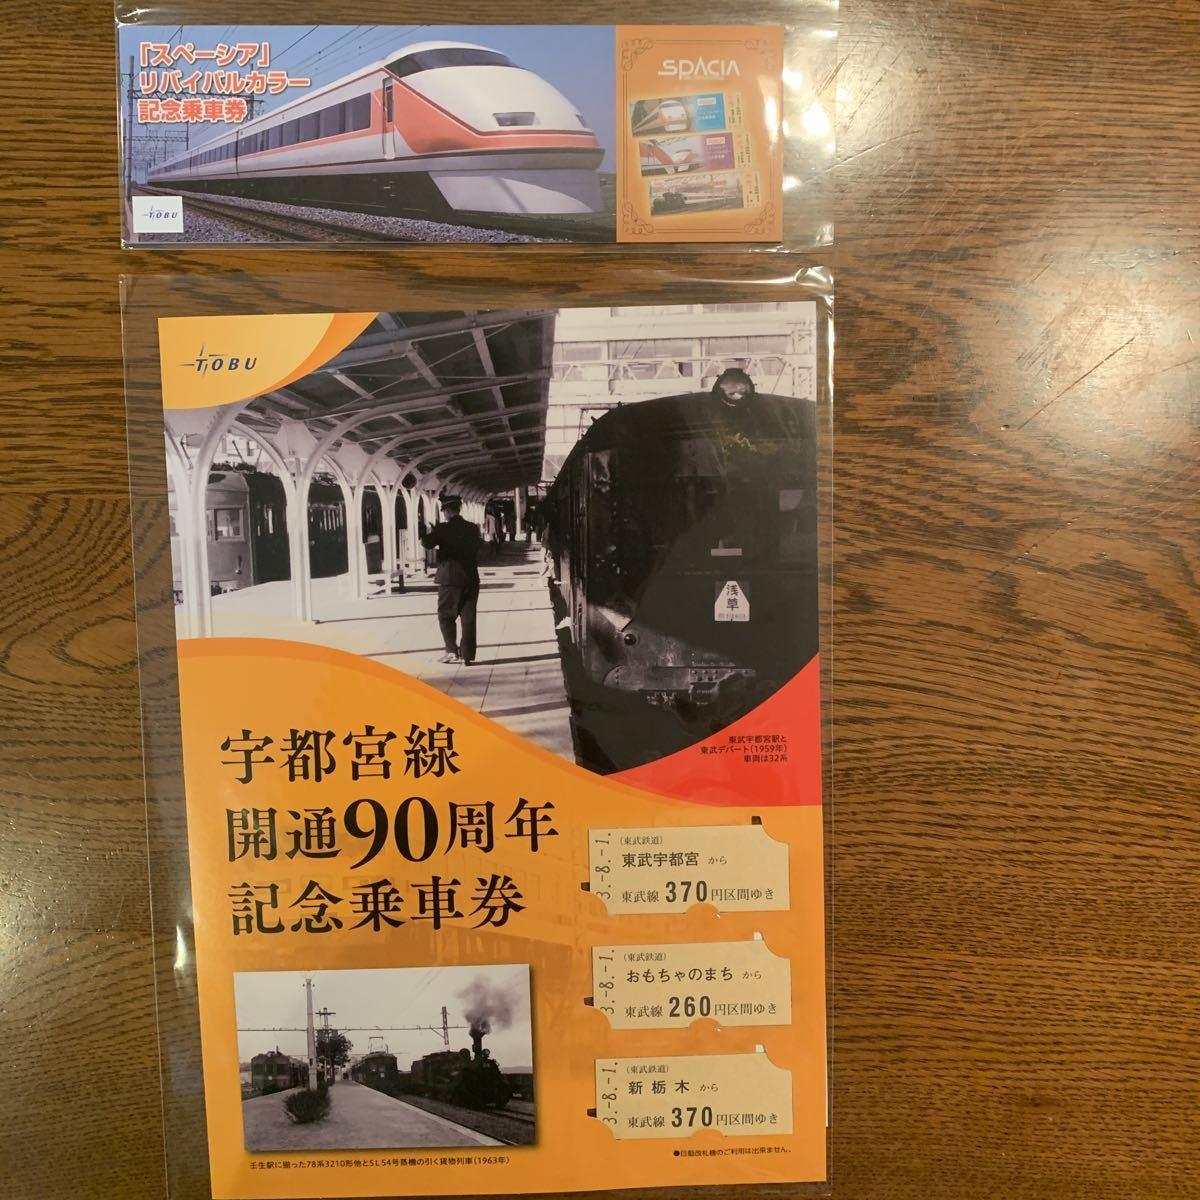 【東武鉄道】【『スペーシア』リバイバルカラー記念乗車券】【宇都宮線開通90周年記念乗車券】セットで